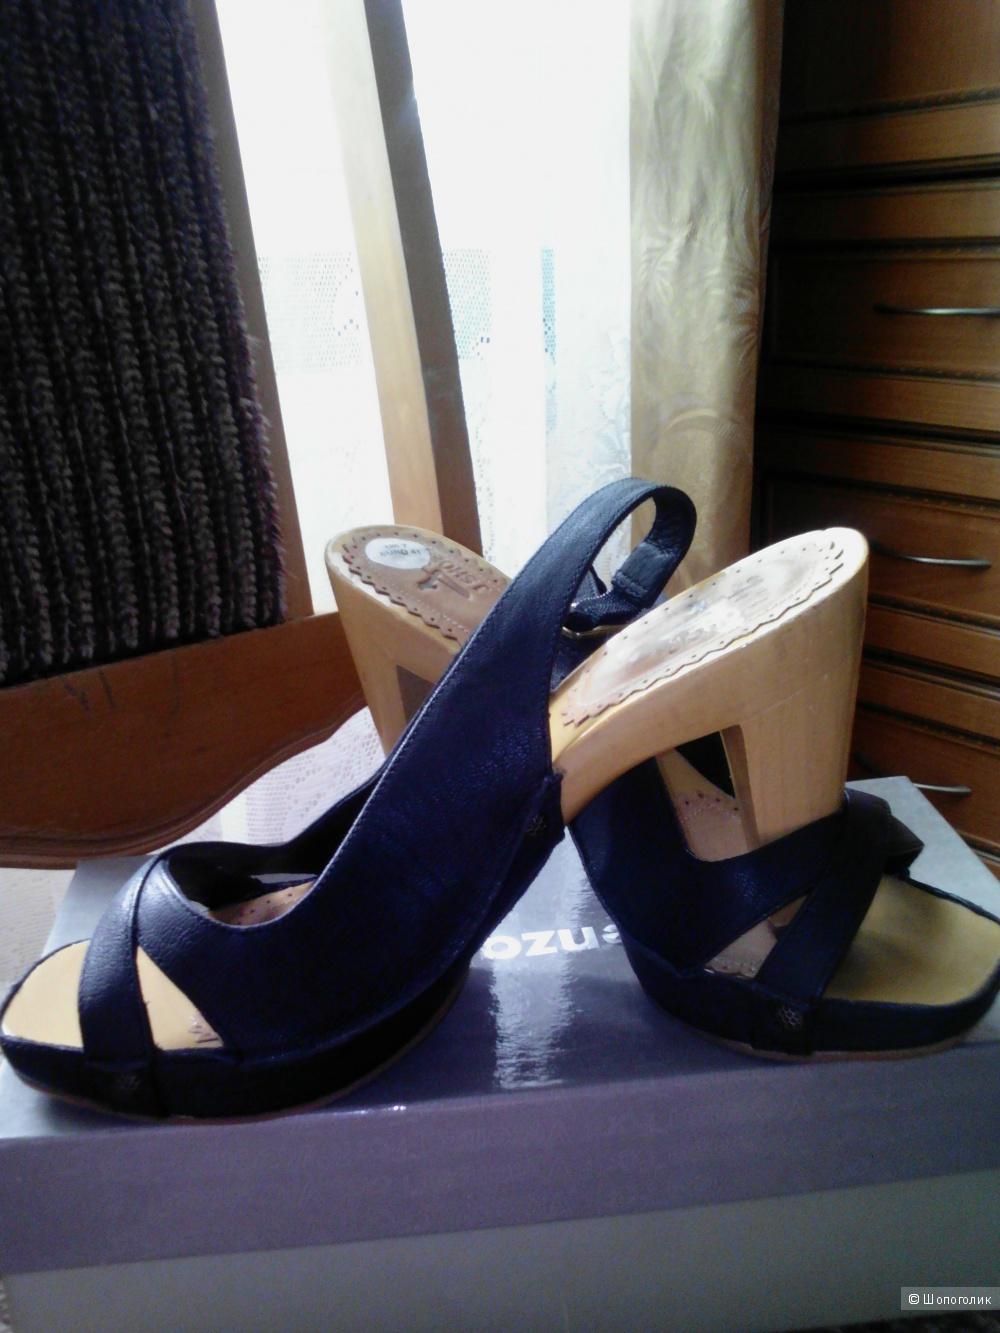 Босоножки. J Shoes. 40 размер.